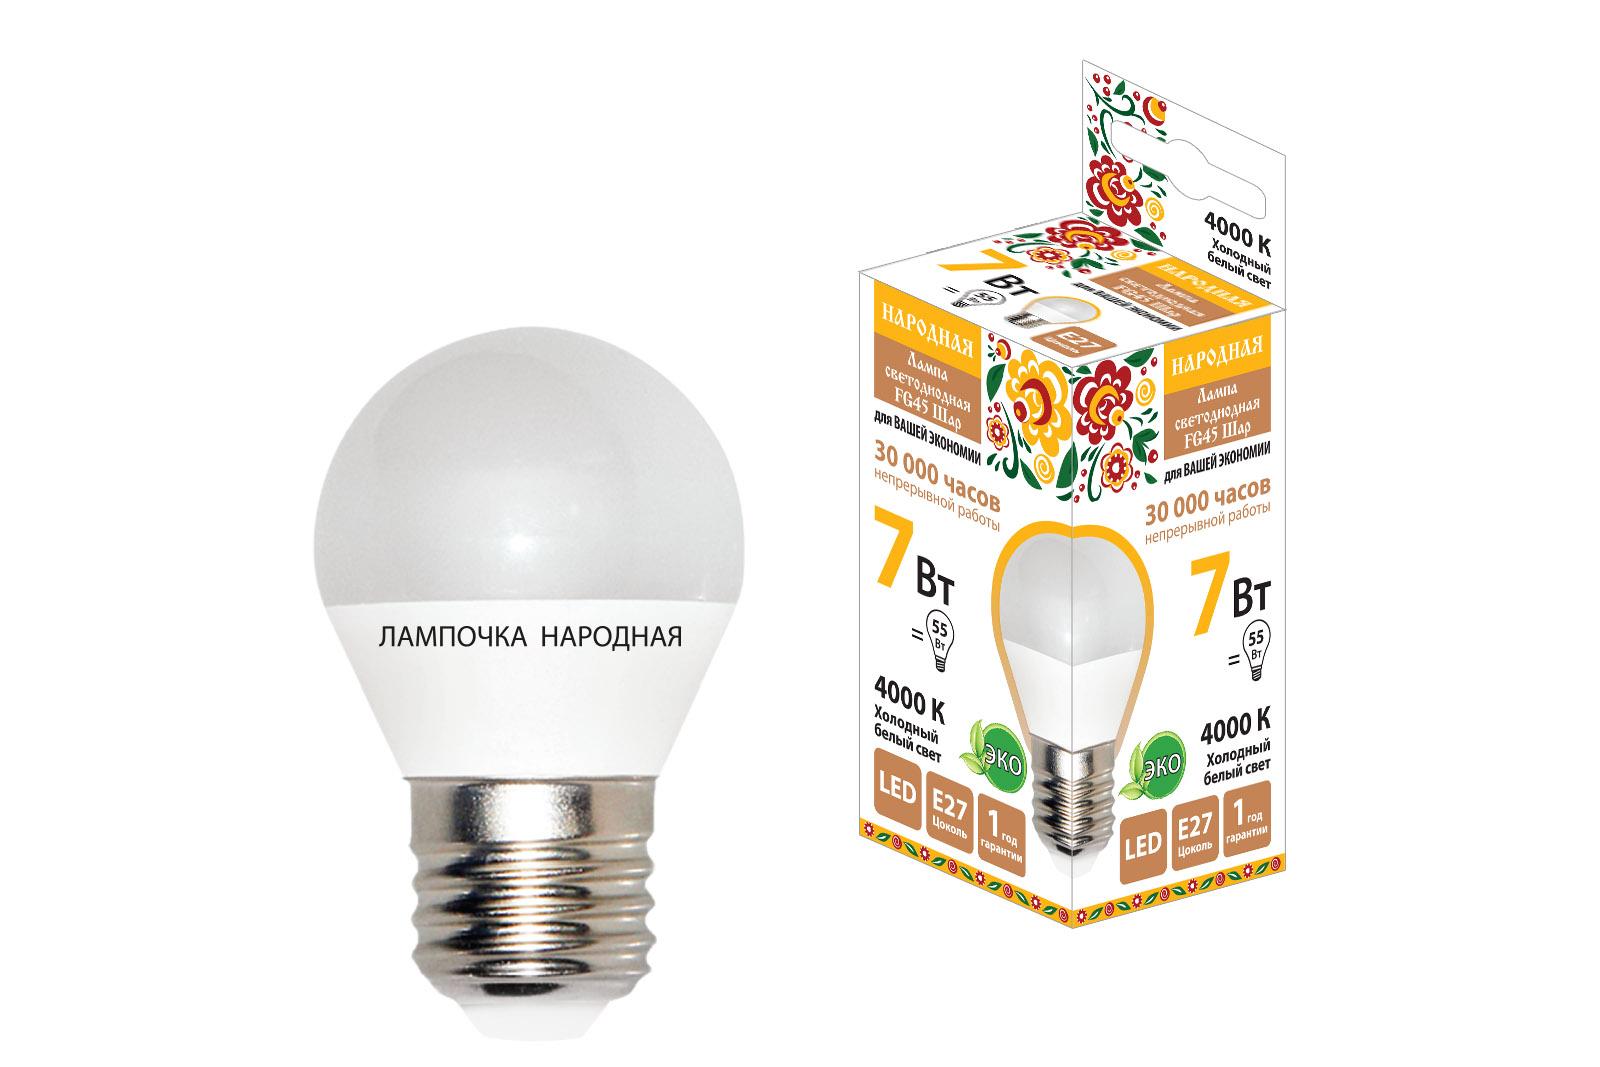 Фото Лампа светодиодная FG45-7 Вт-230 В-4000 К–E27 Народная {SQ0340-0189}